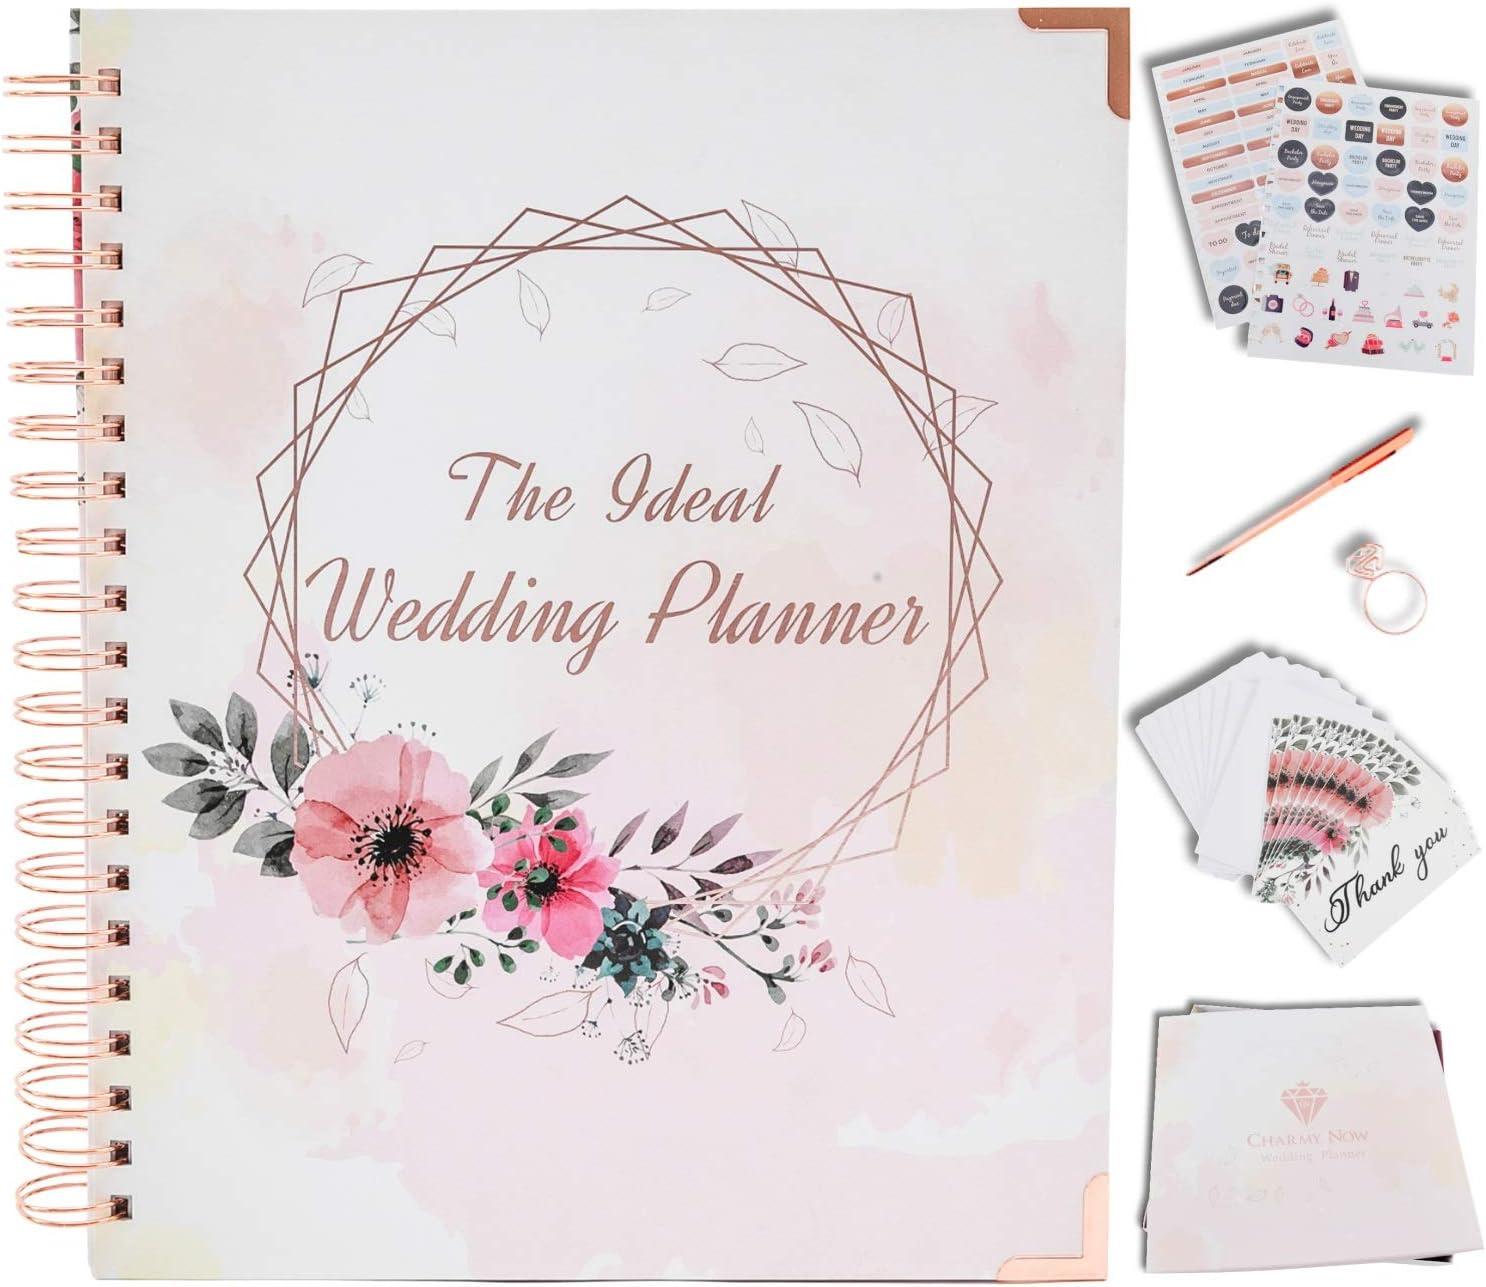 Wedding Guest Book Wedding Book Bride to be Gift Custom Wedding Planner Wedding Planner Wedding Planner Organizer